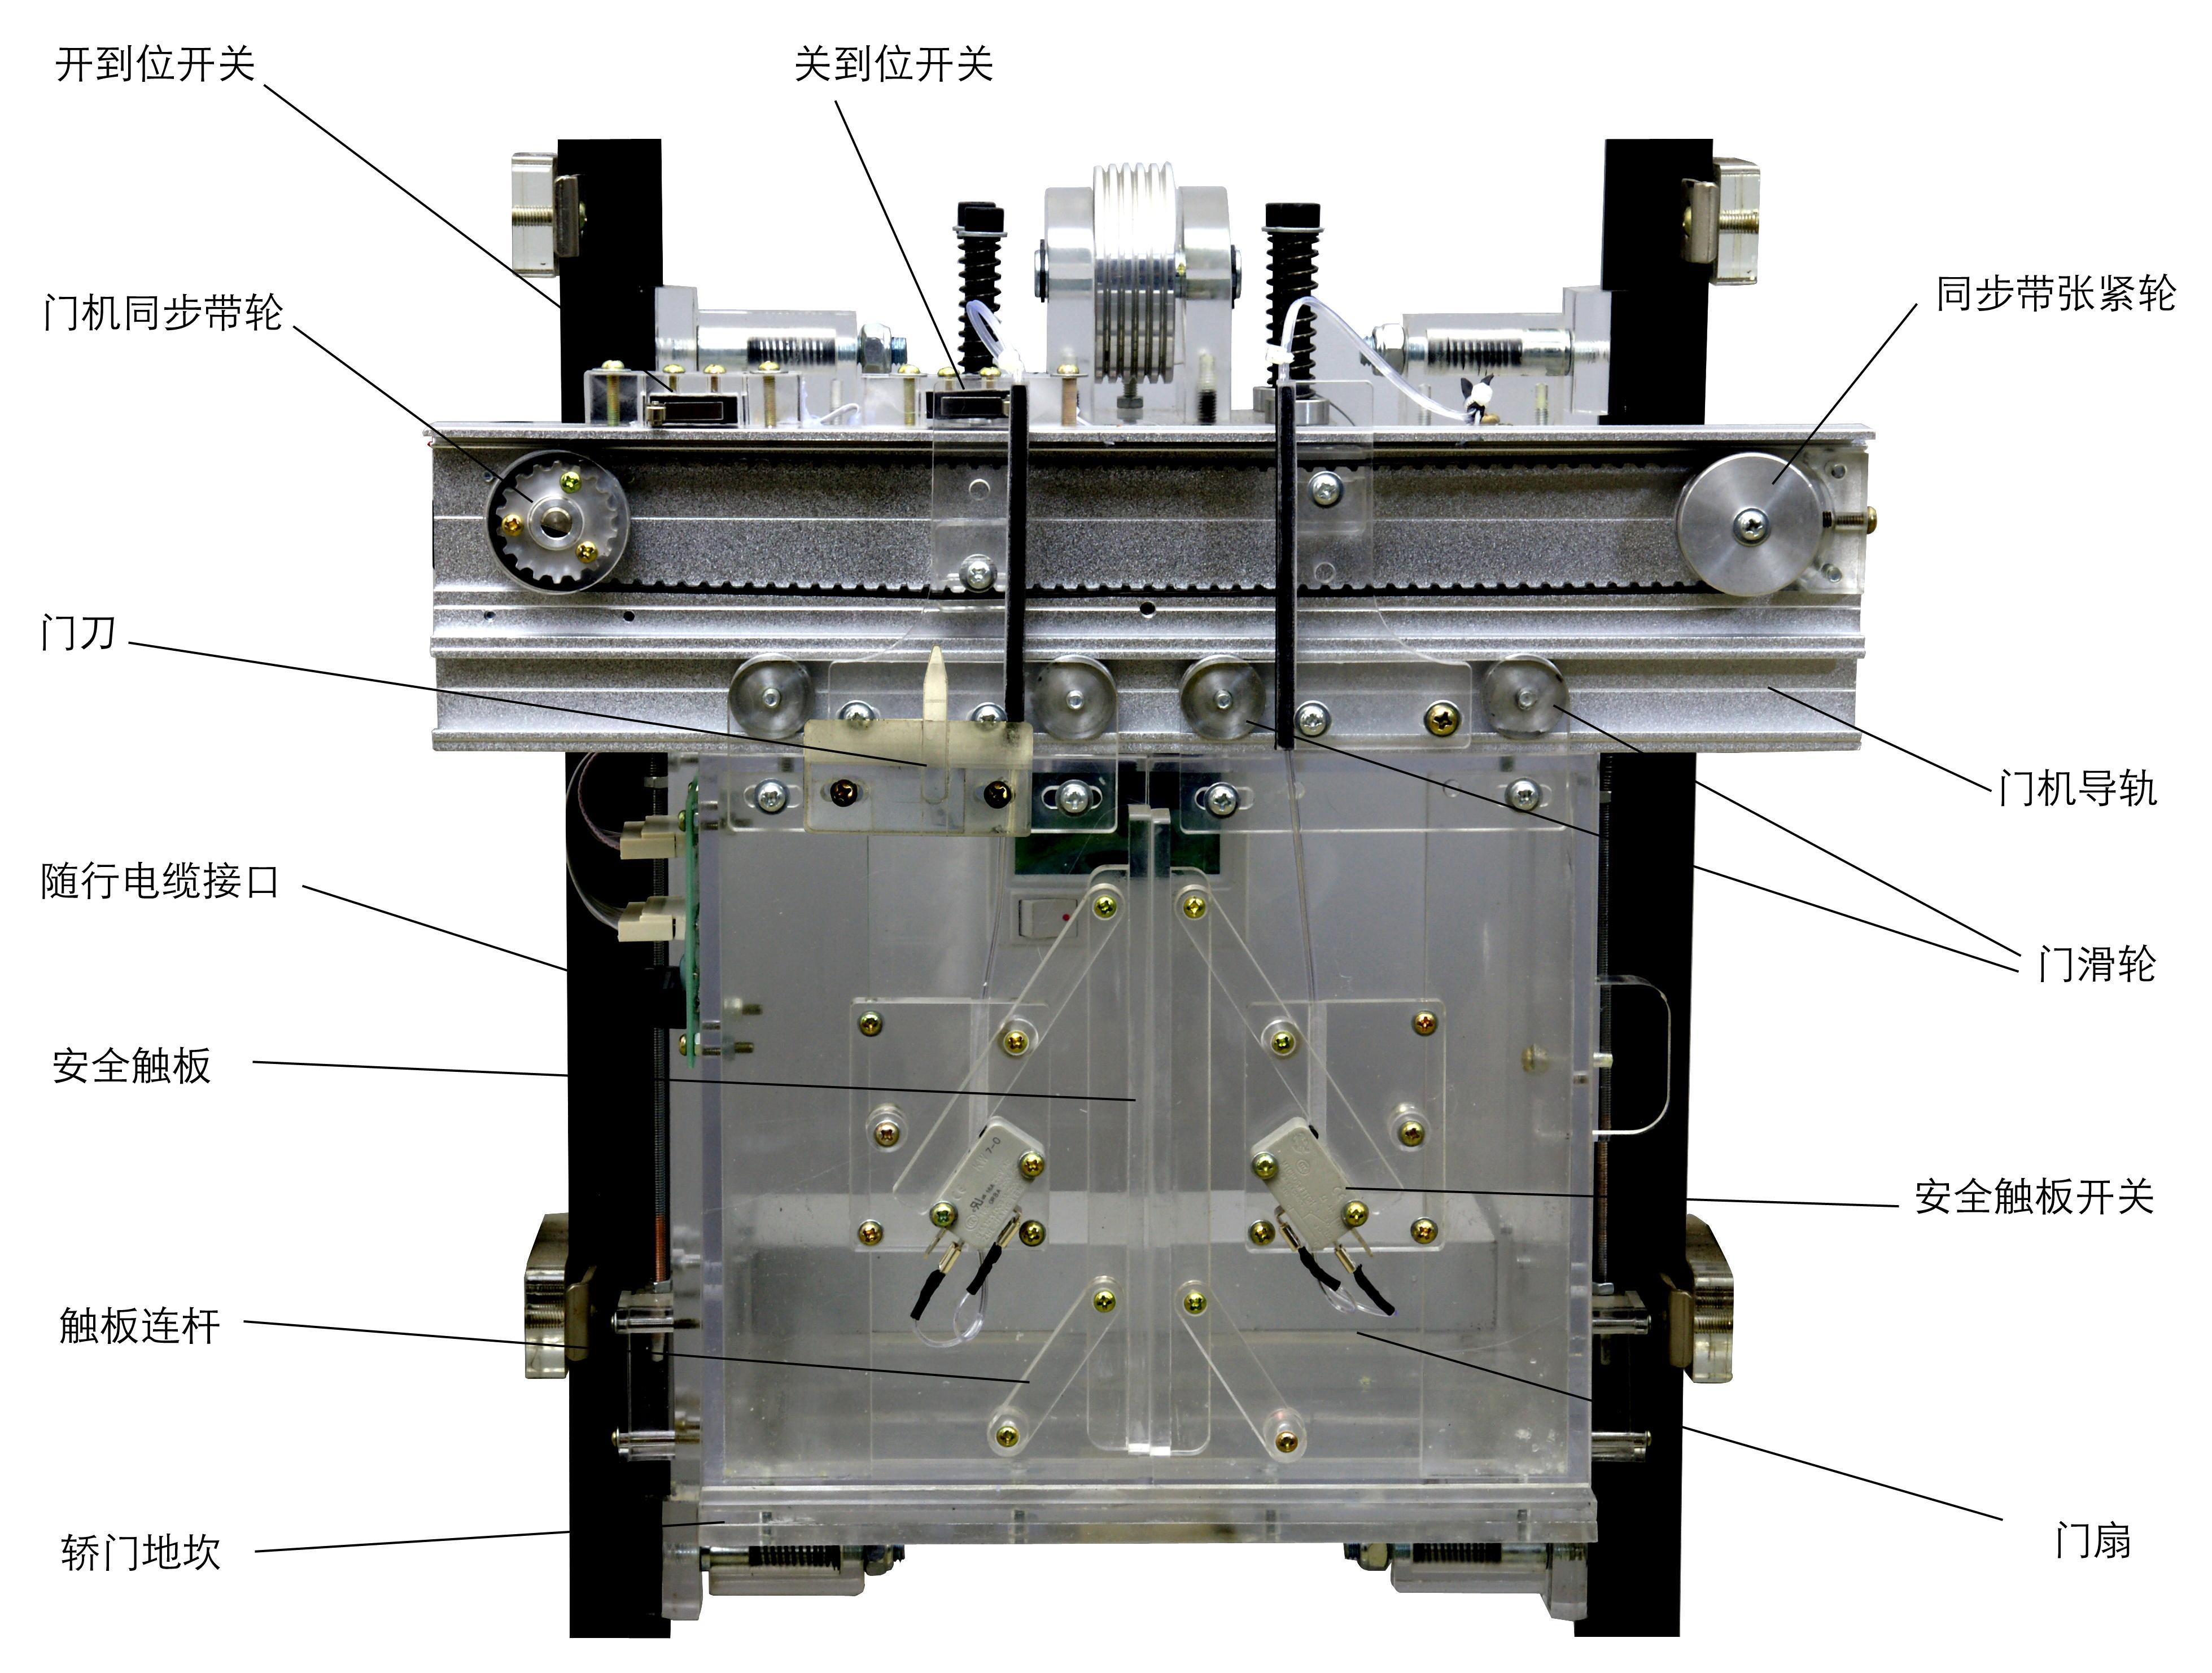 串行通讯控制透明教学电梯,真实电梯系统,电梯模型